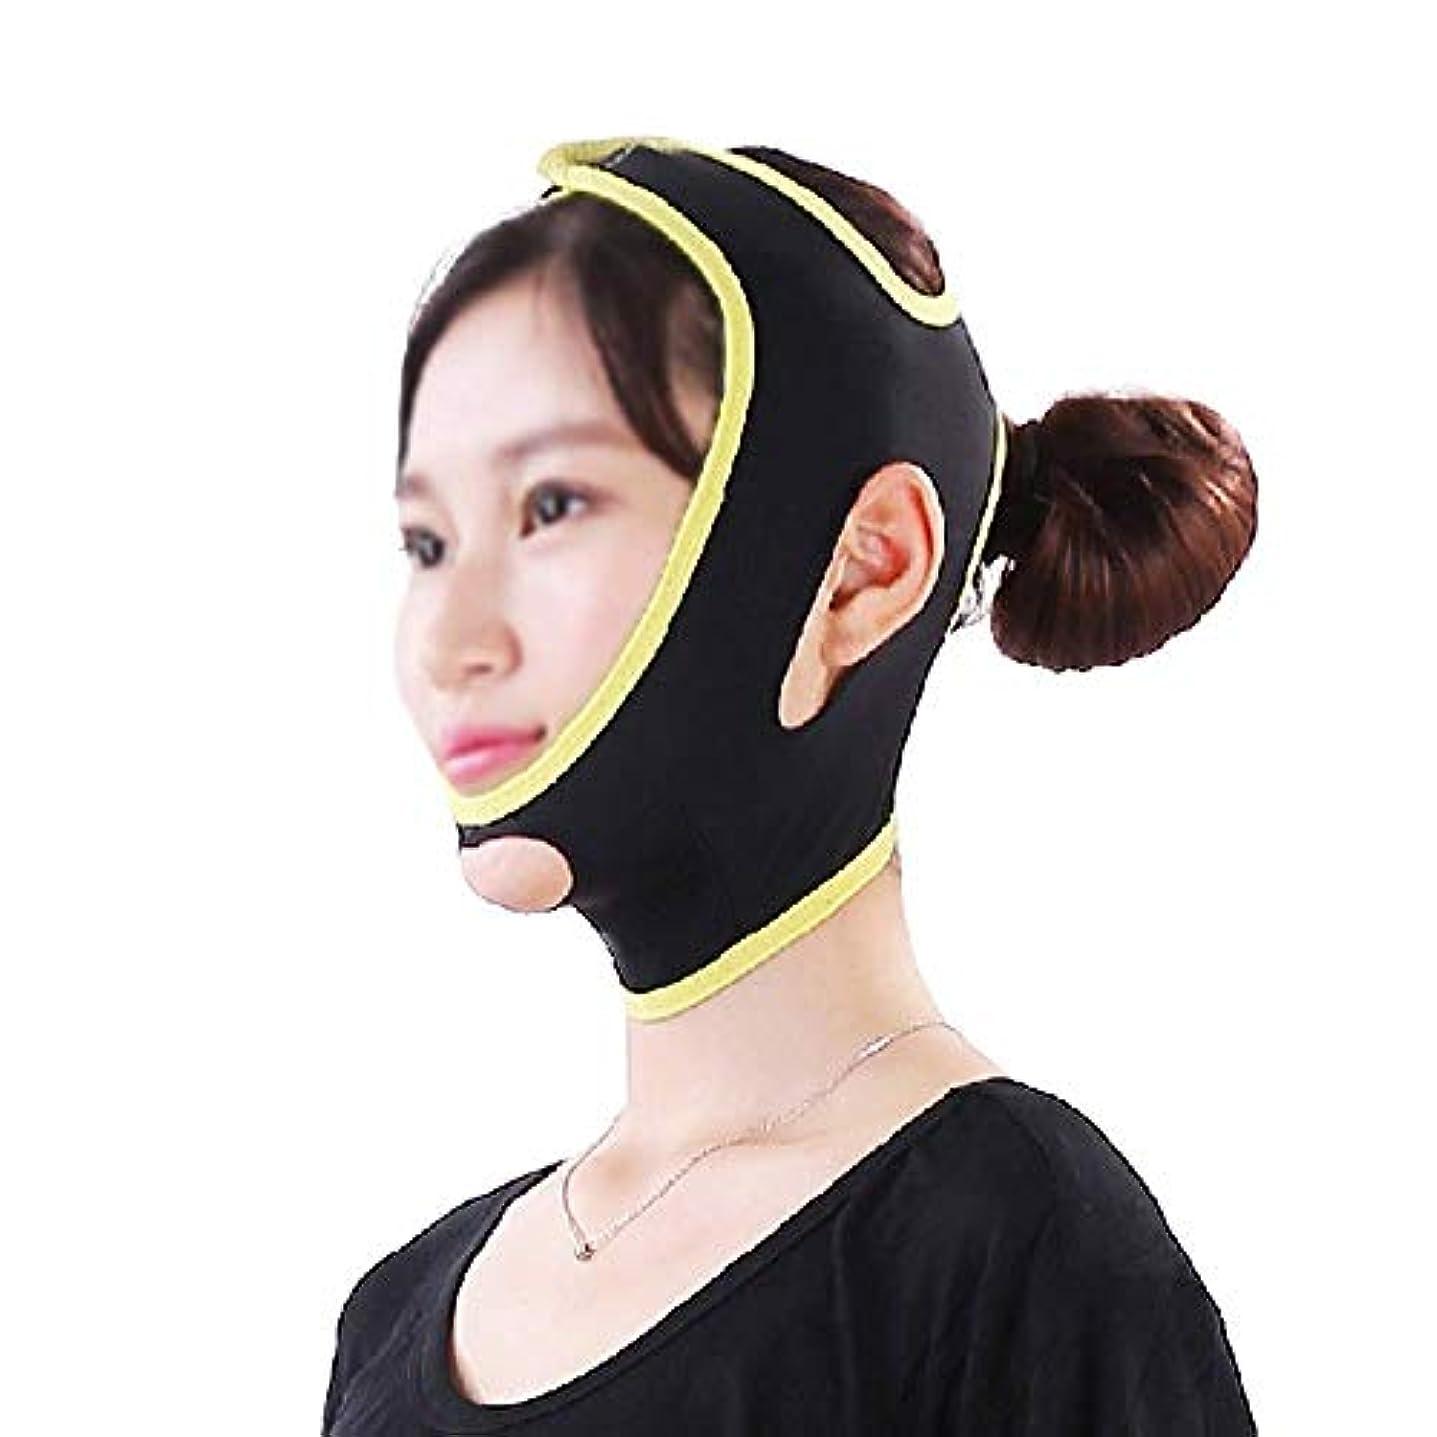 はい電圧消えるフェイスアンドネックリフト、Vフェイスマスクは顔の輪郭を強化して、顎の超弾性包帯を引き締める咬筋を緩和します(サイズ:M)